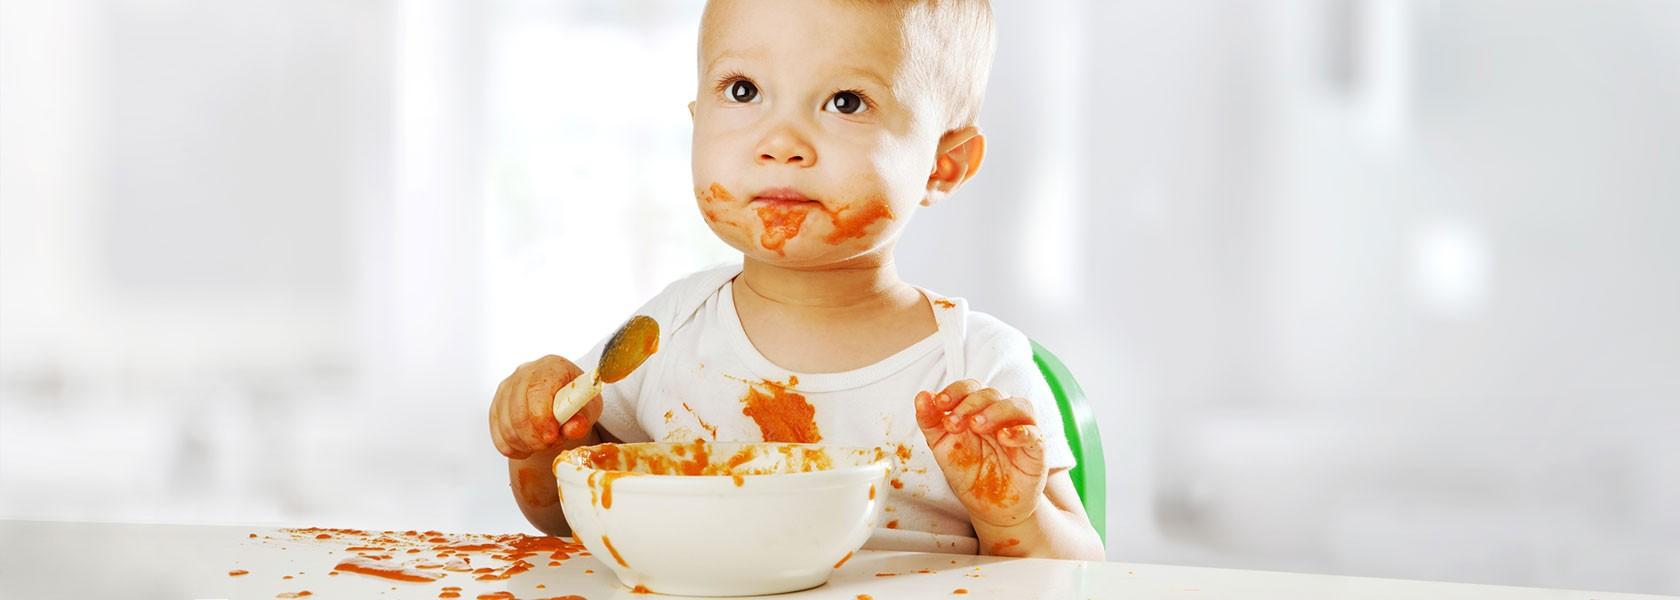 Baby in weißem Kurzarmbody voll mit orangefarbenen Breiflecken auf Kleidung, Mund und Händen isst Brei aus weißer Schale